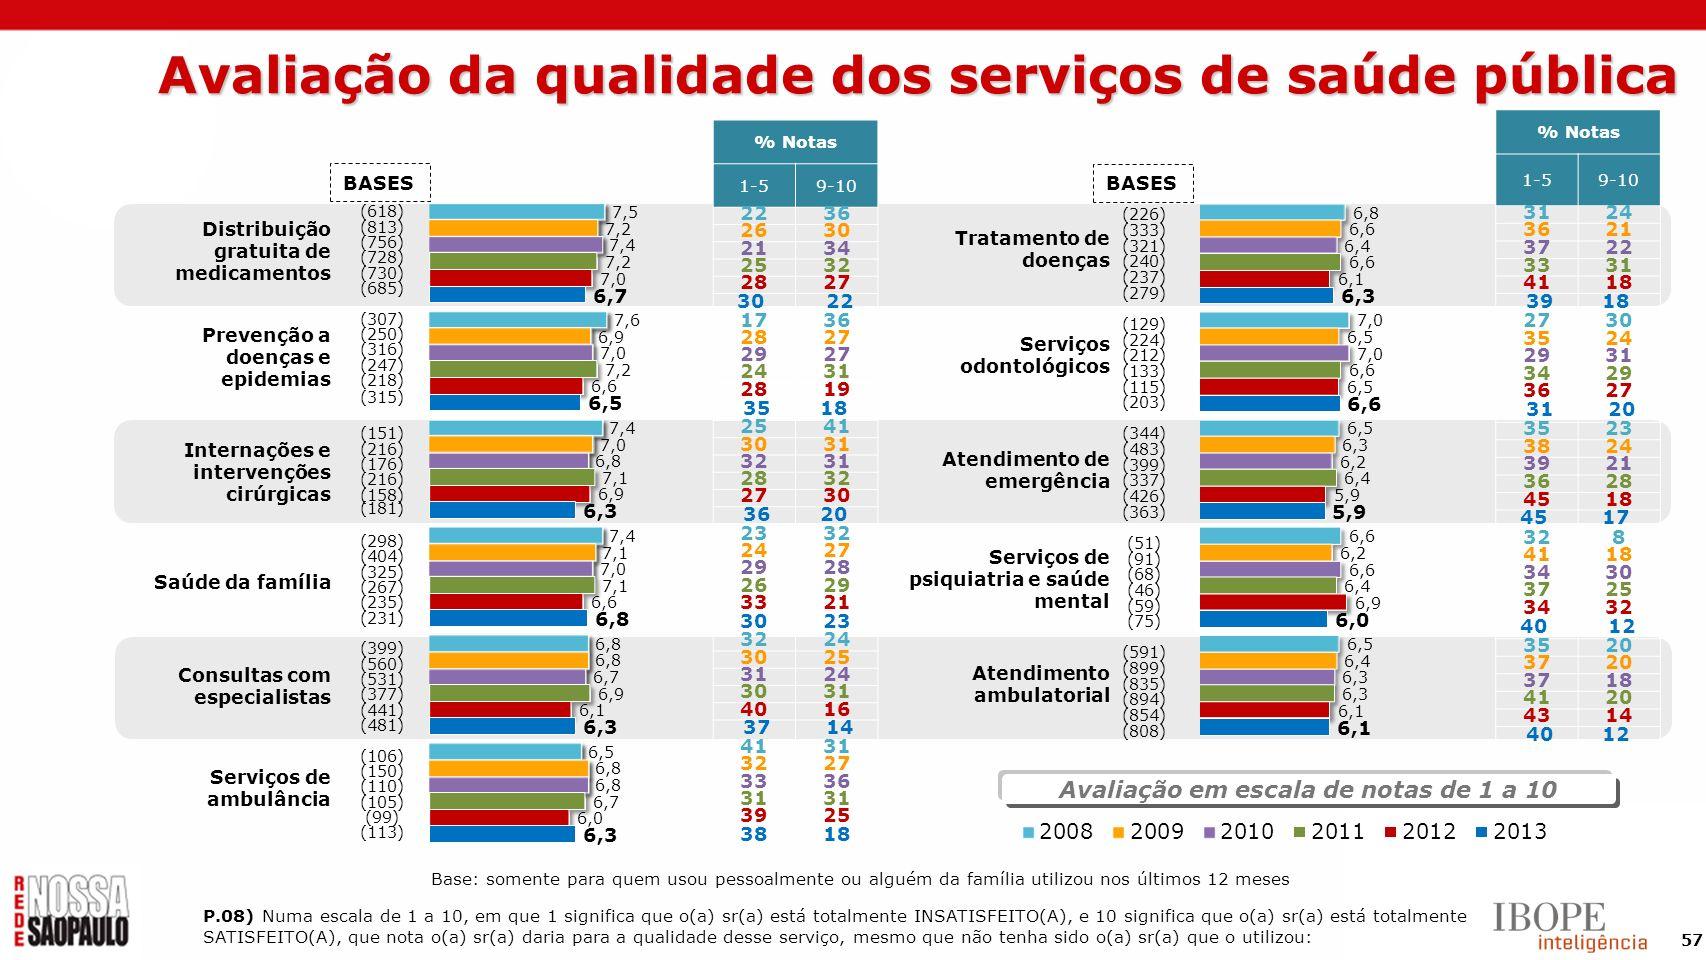 Avaliação da qualidade dos serviços de saúde pública